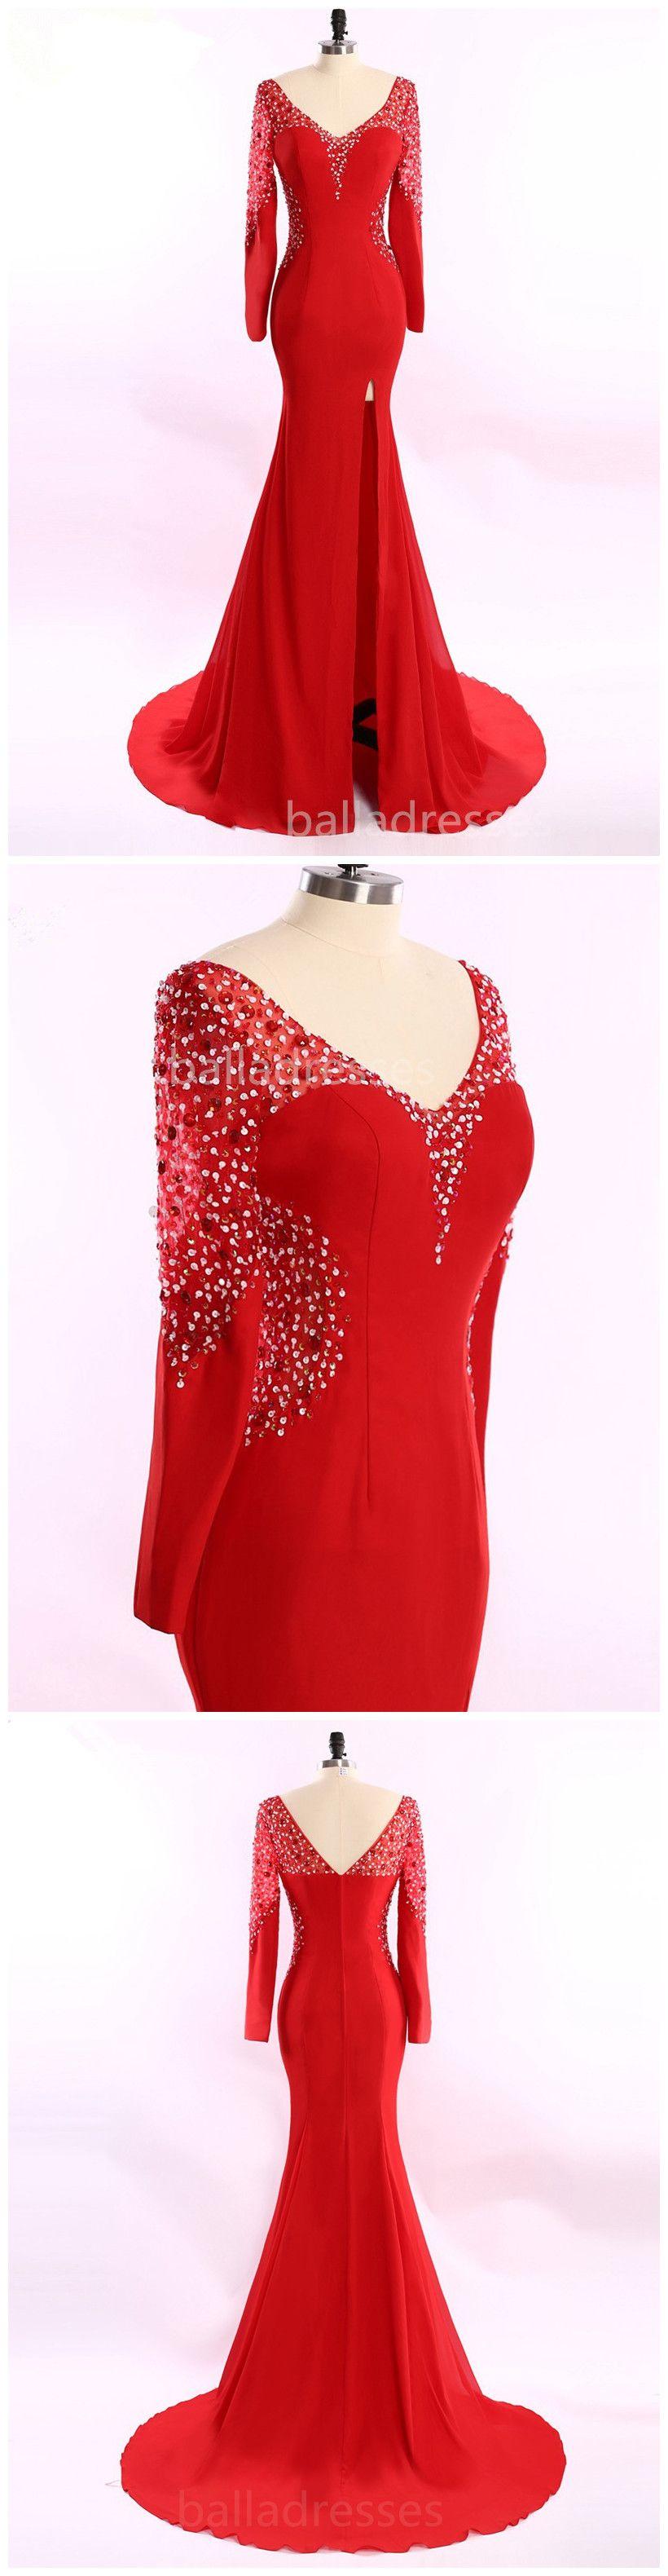 Long sleeves crystal beaded open back black white red mermaid